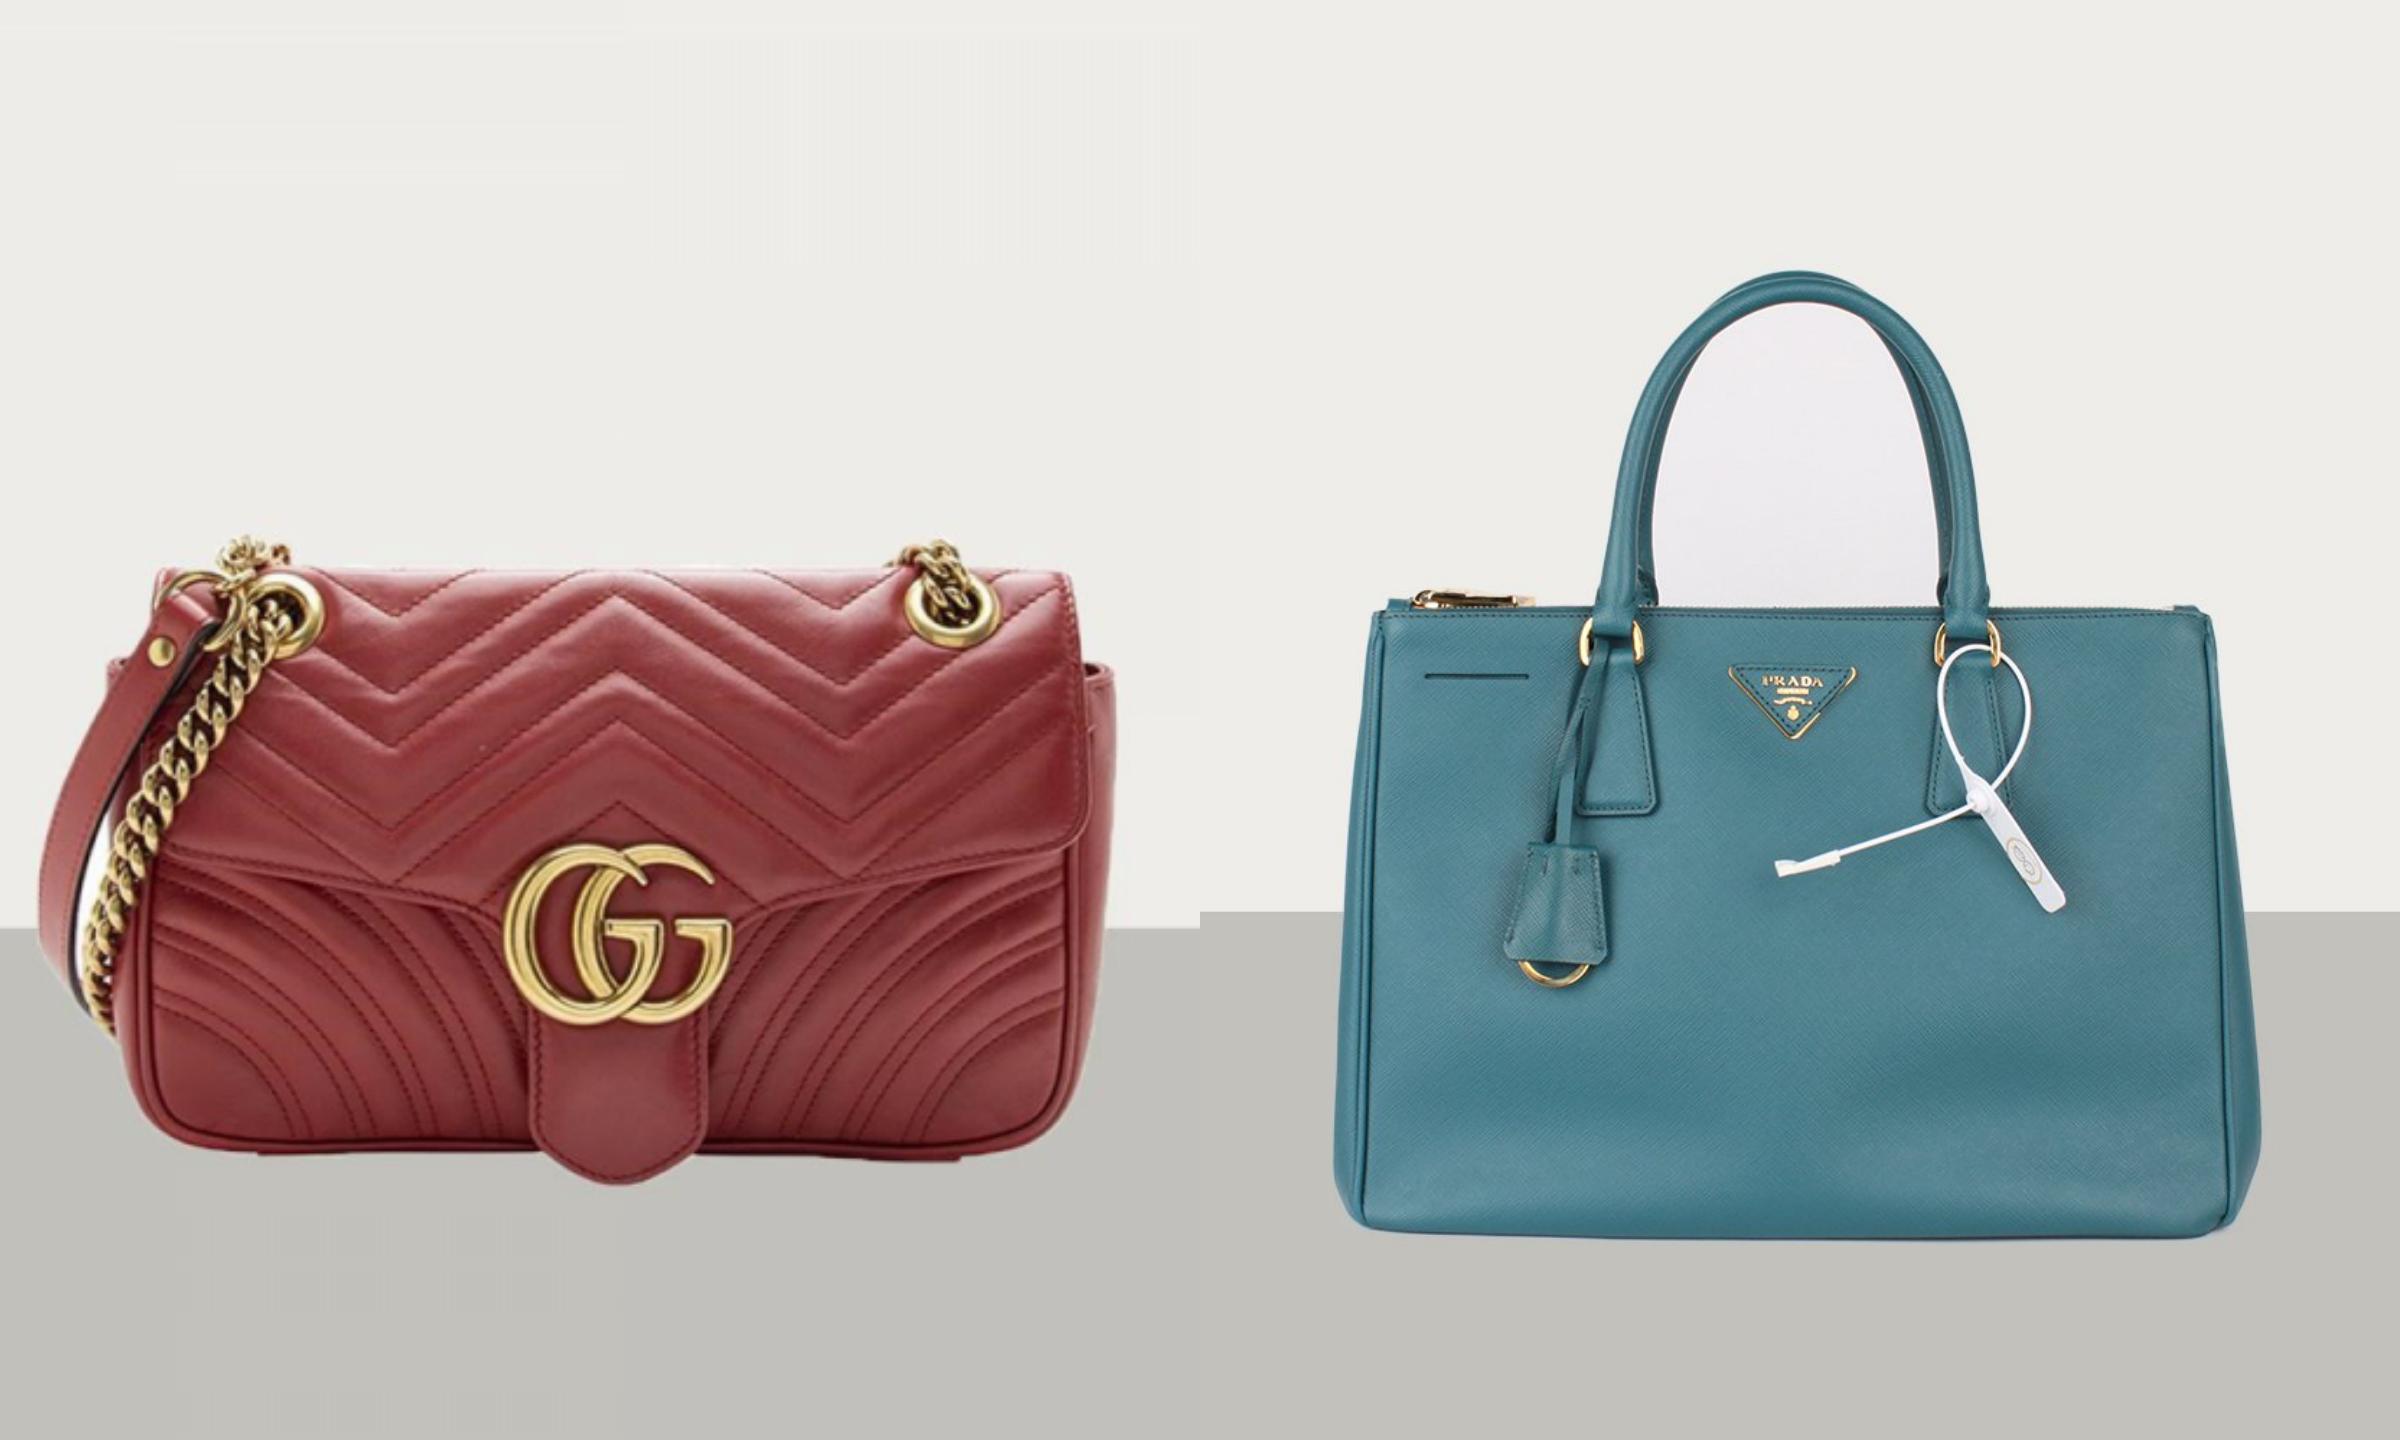 Dòng túi Marmont của Gucci (trái) và chiếc Galleria của Prada (phải).